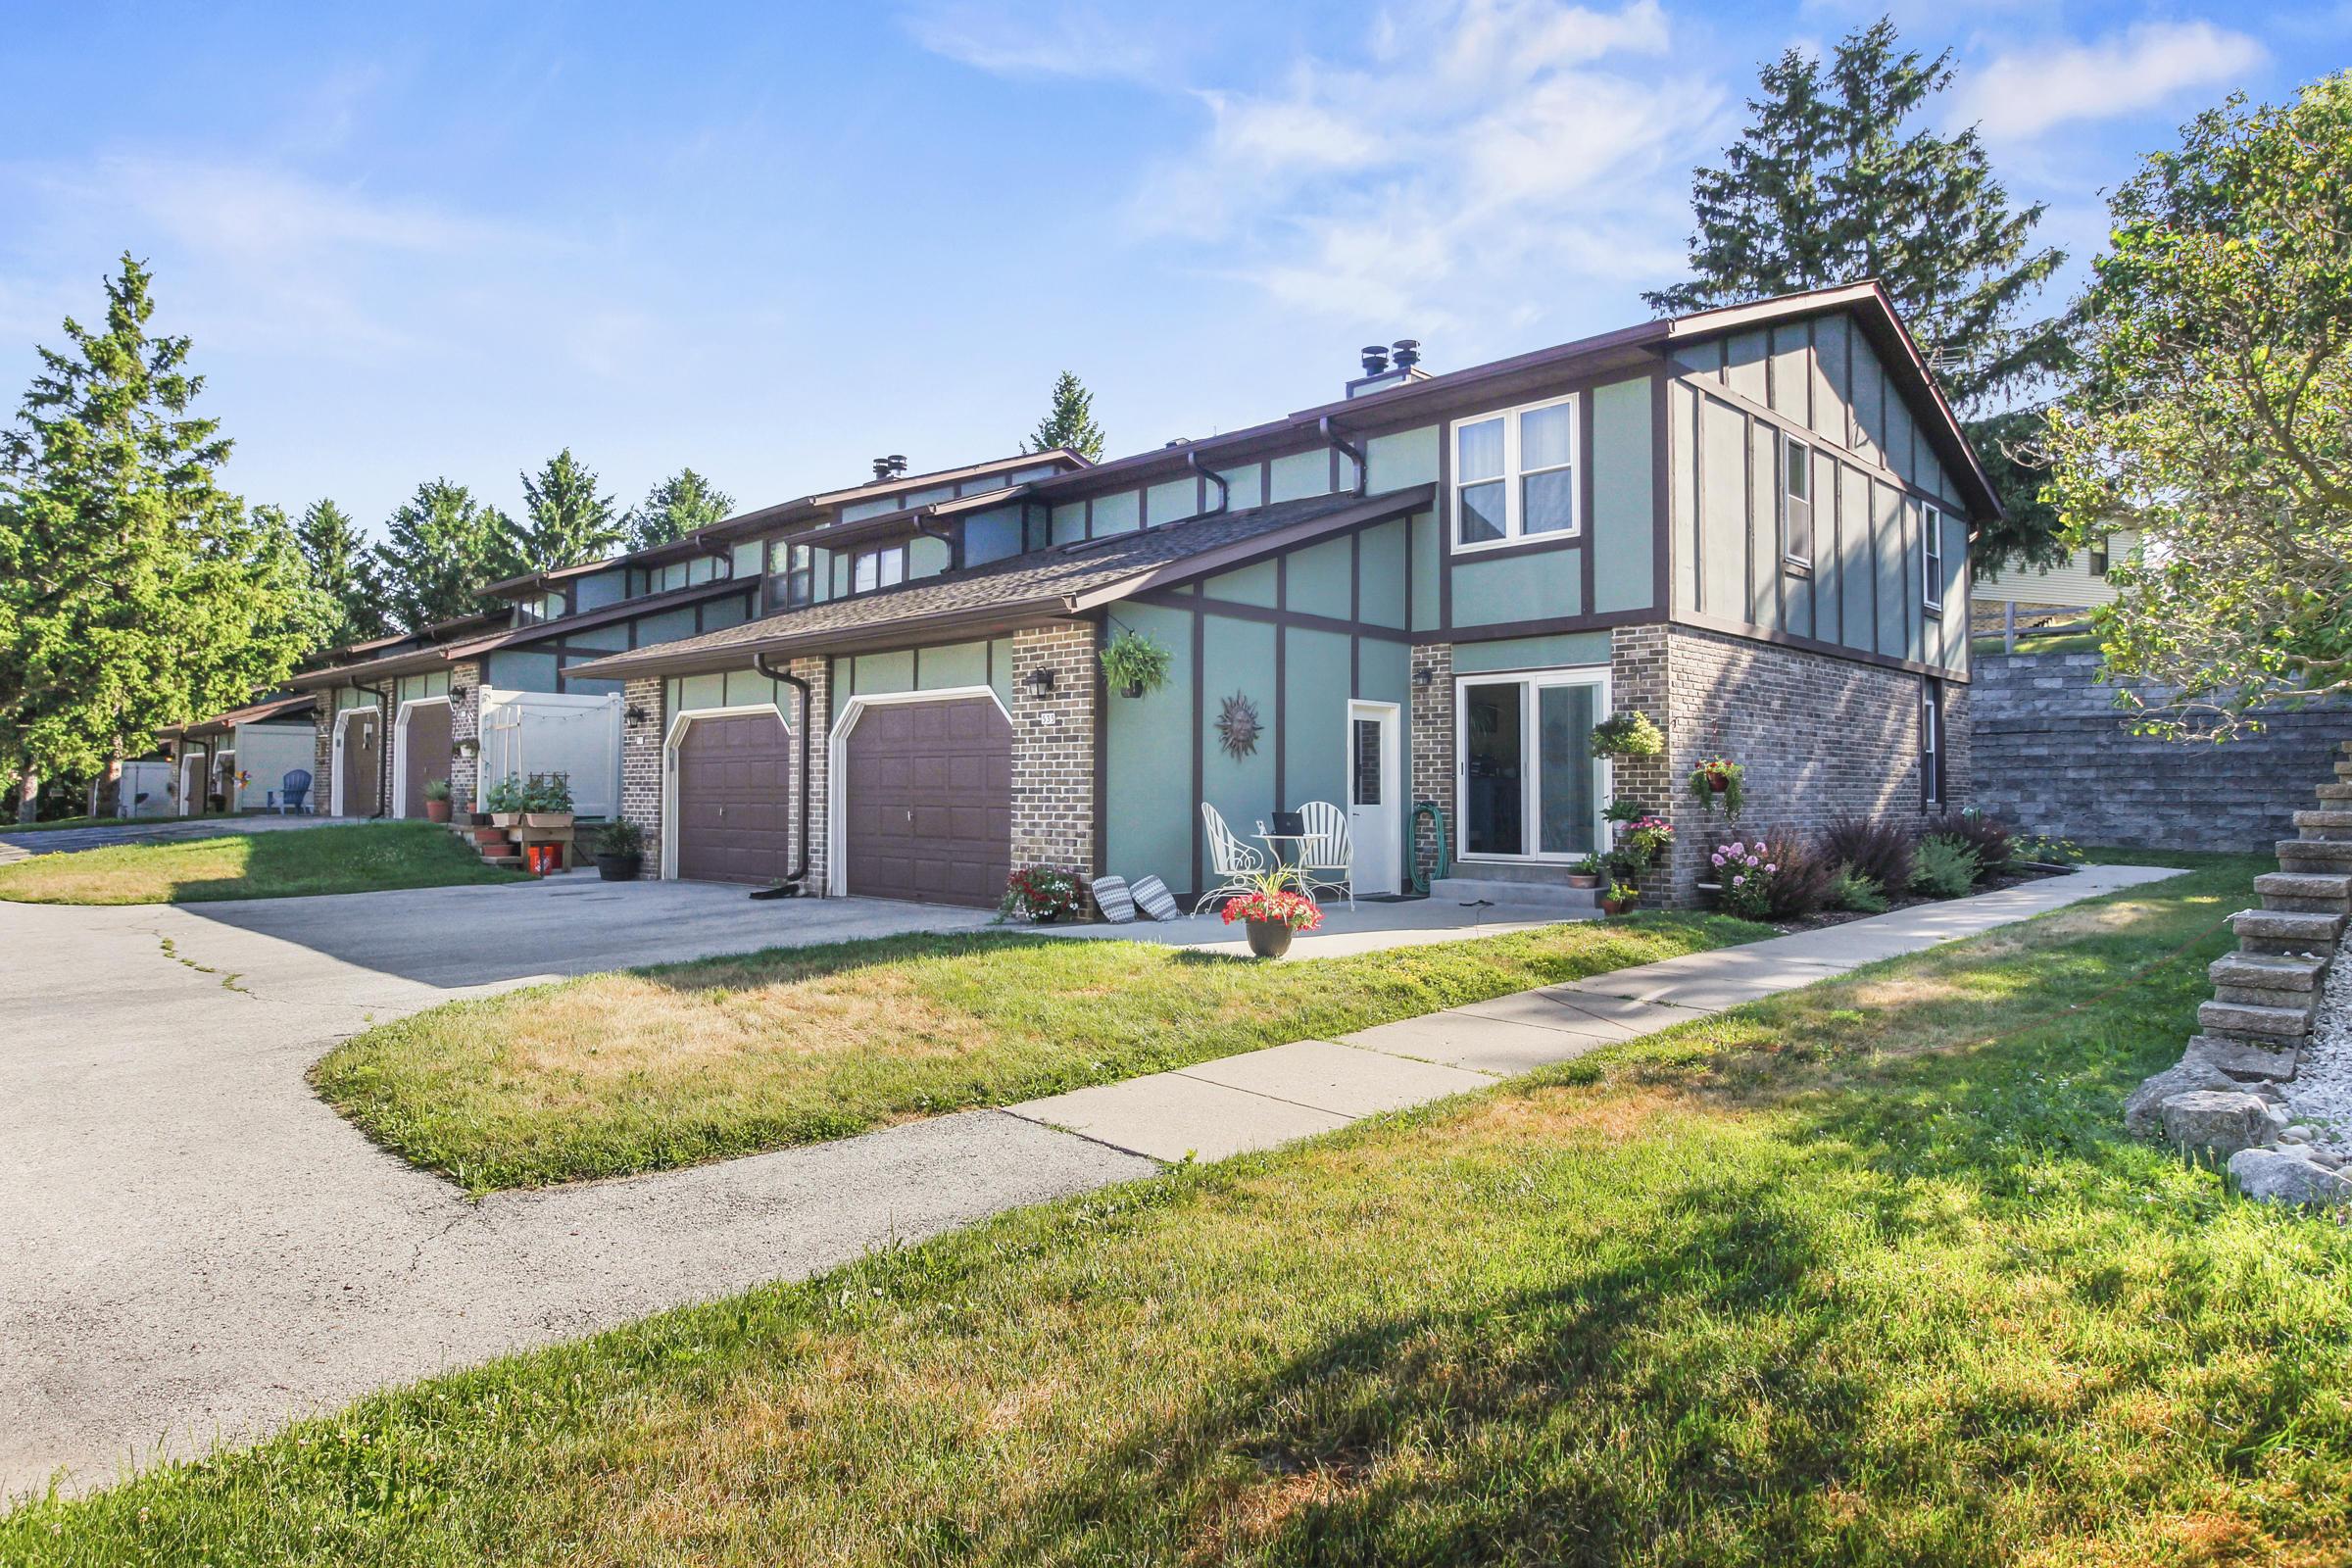 521 Hartridge Dr, Hartland, Wisconsin 53029, 3 Bedrooms Bedrooms, 6 Rooms Rooms,2 BathroomsBathrooms,Condominiums,For Sale,Hartridge Dr,1,1699435